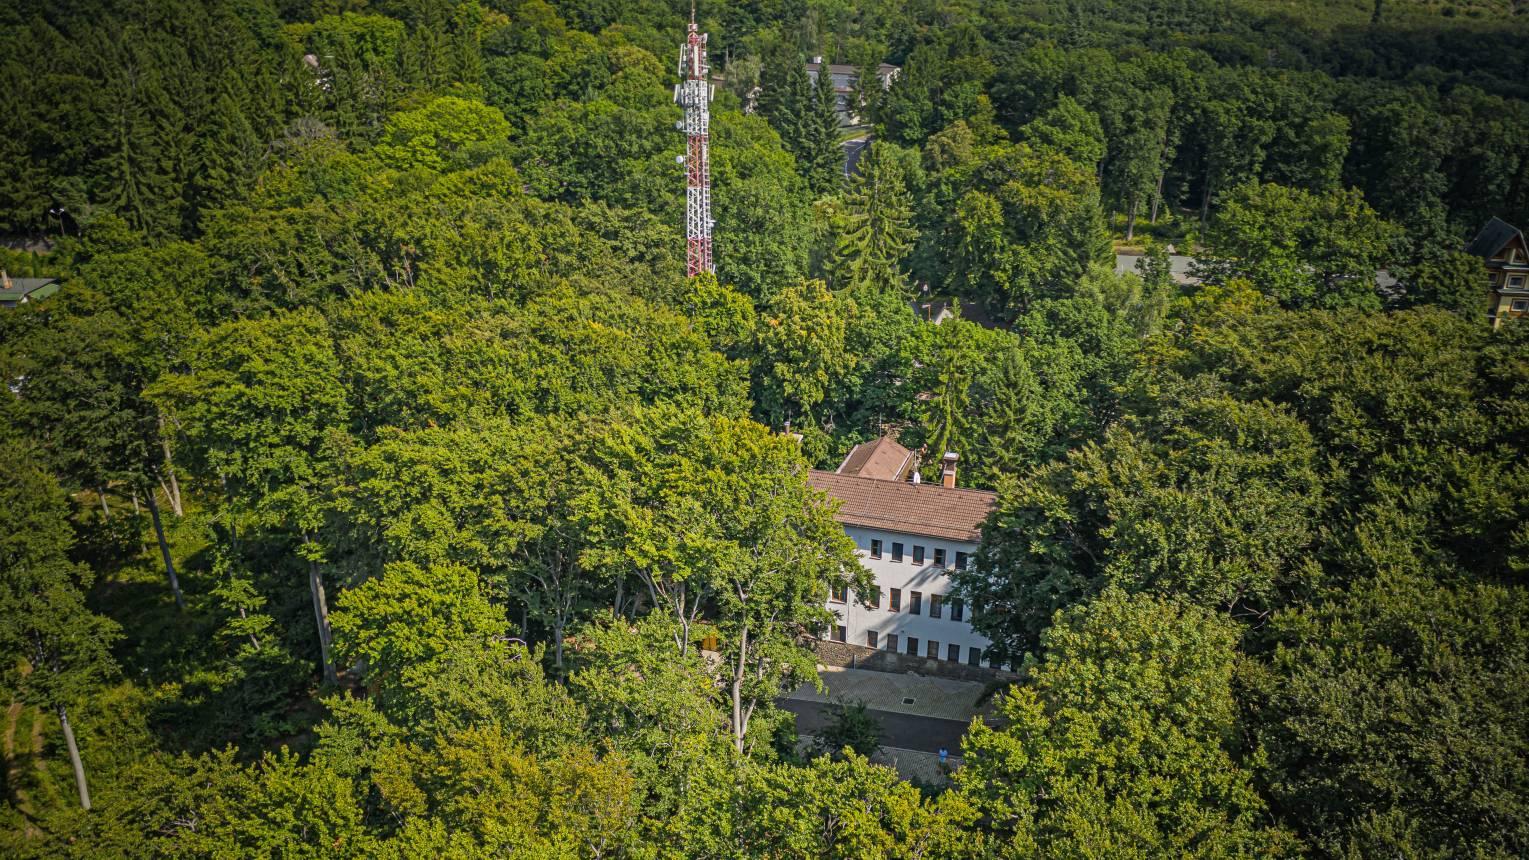 4 Évszak Hegyihotel a Mátrában, mesés erdő közepén rejtőzve